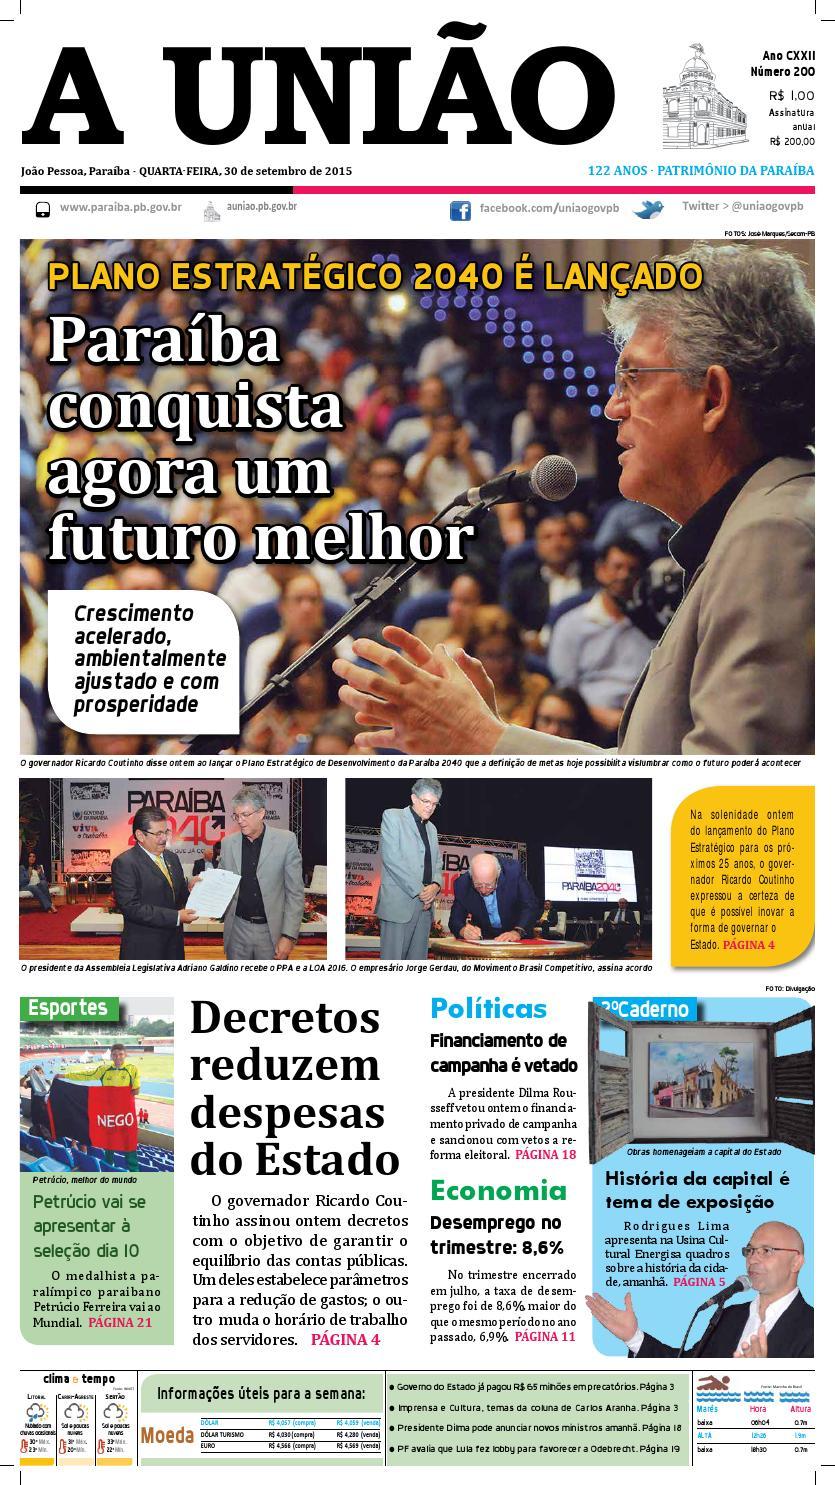 Jornal A União - 30 09 2015 by Jornal A União - issuu f946d0ab84b44